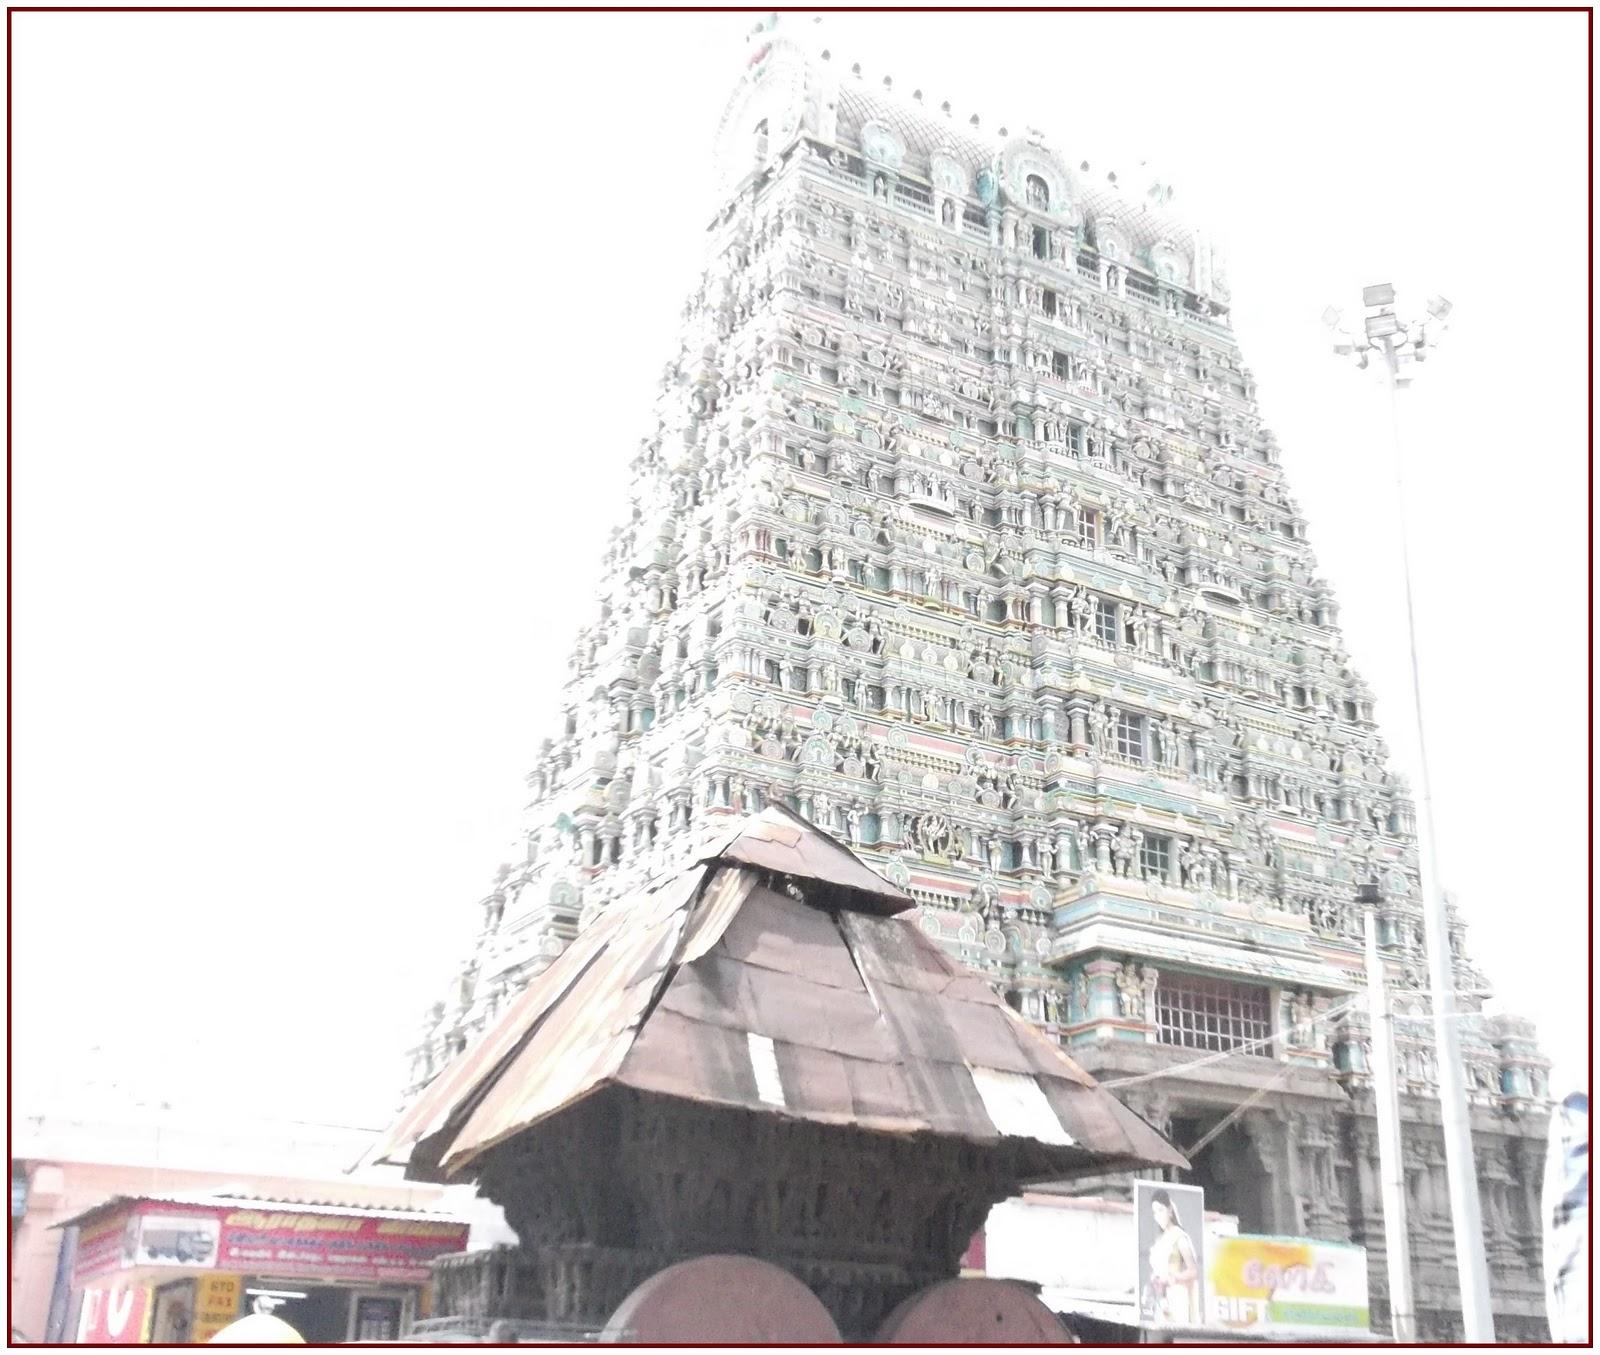 Tamilnadu Tourism Palaruvi Falls Milky Falls Aryankavu: ���്രകൃതിയിലേക്ക് ���രു ���ാത്ര ...a Travel Towards NATURE